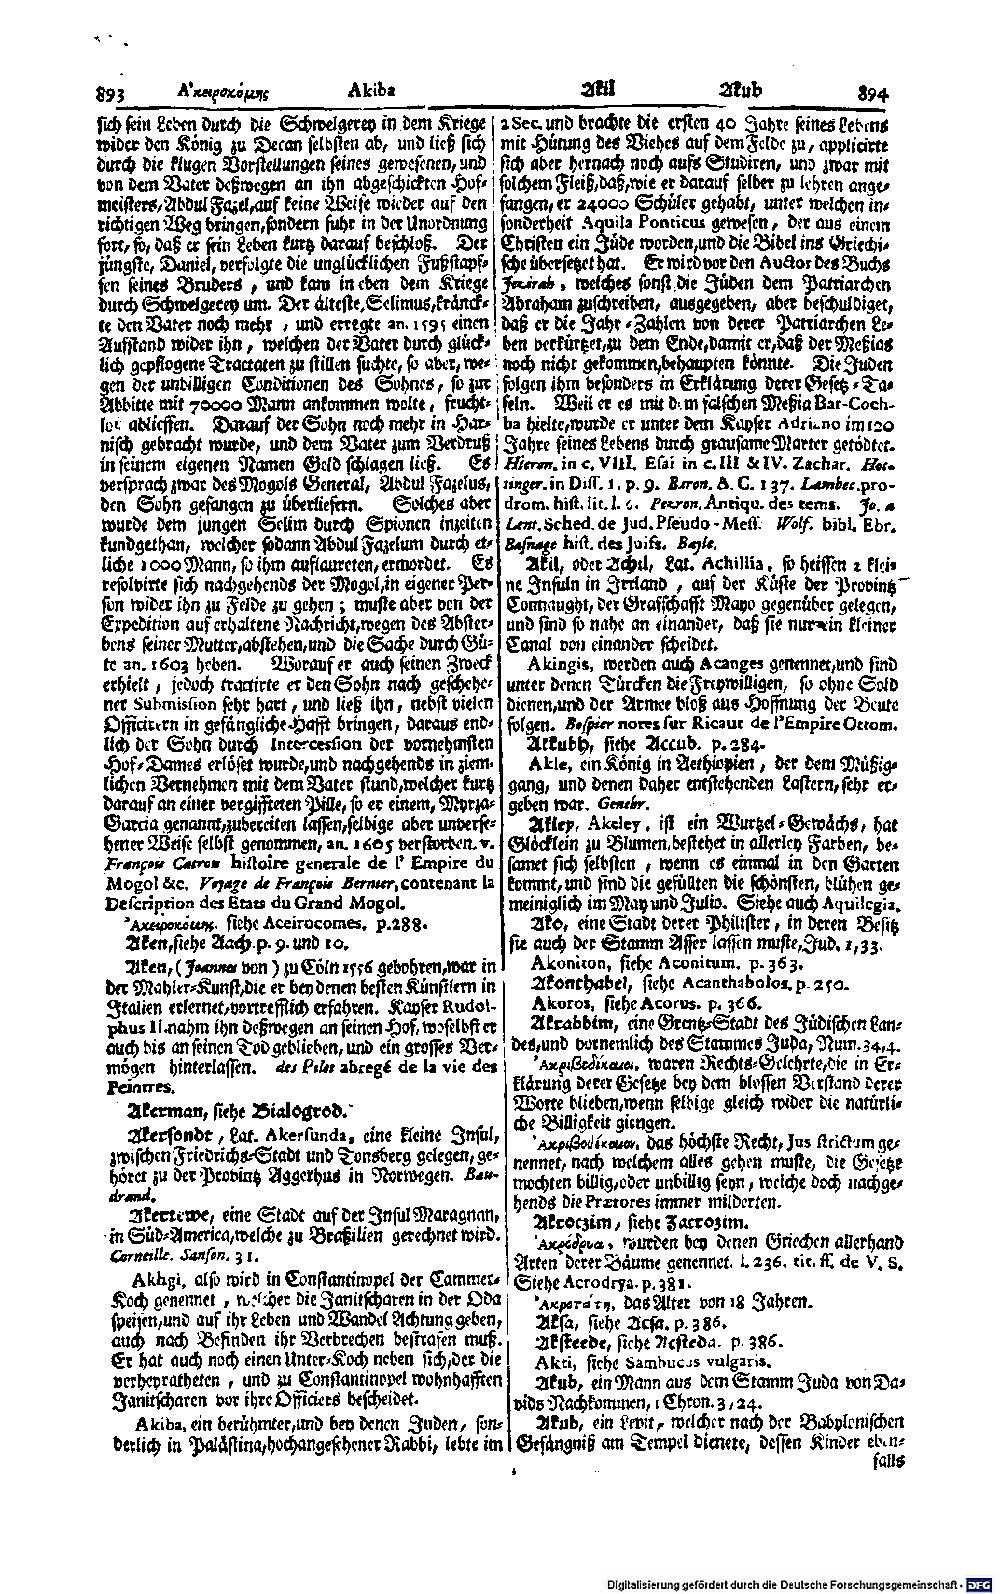 Bd. 01, Seite 0486.